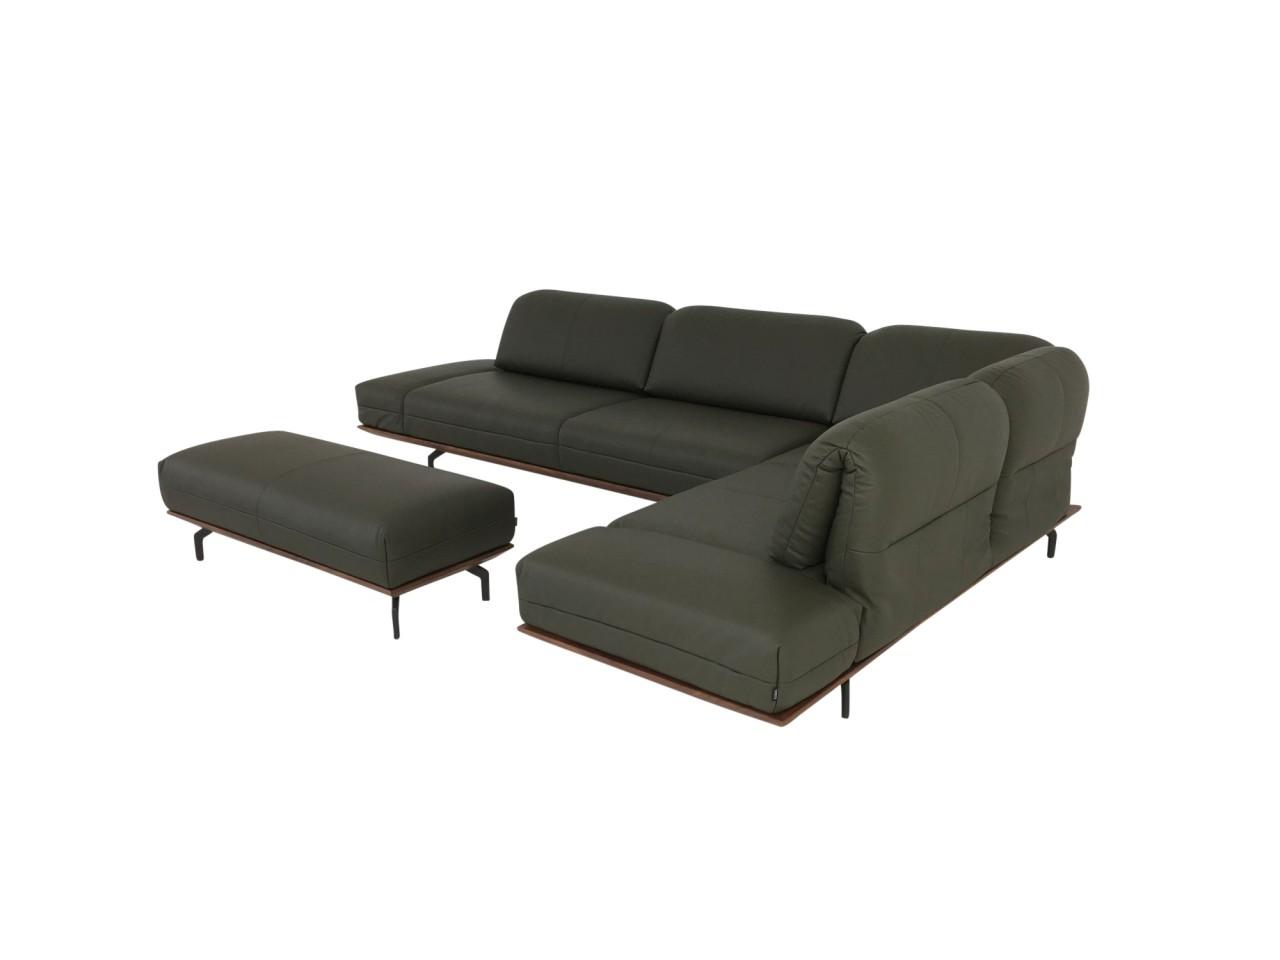 wohnzimmer tische von h lsta h lsta sofa hs 420 ecksofa. Black Bedroom Furniture Sets. Home Design Ideas